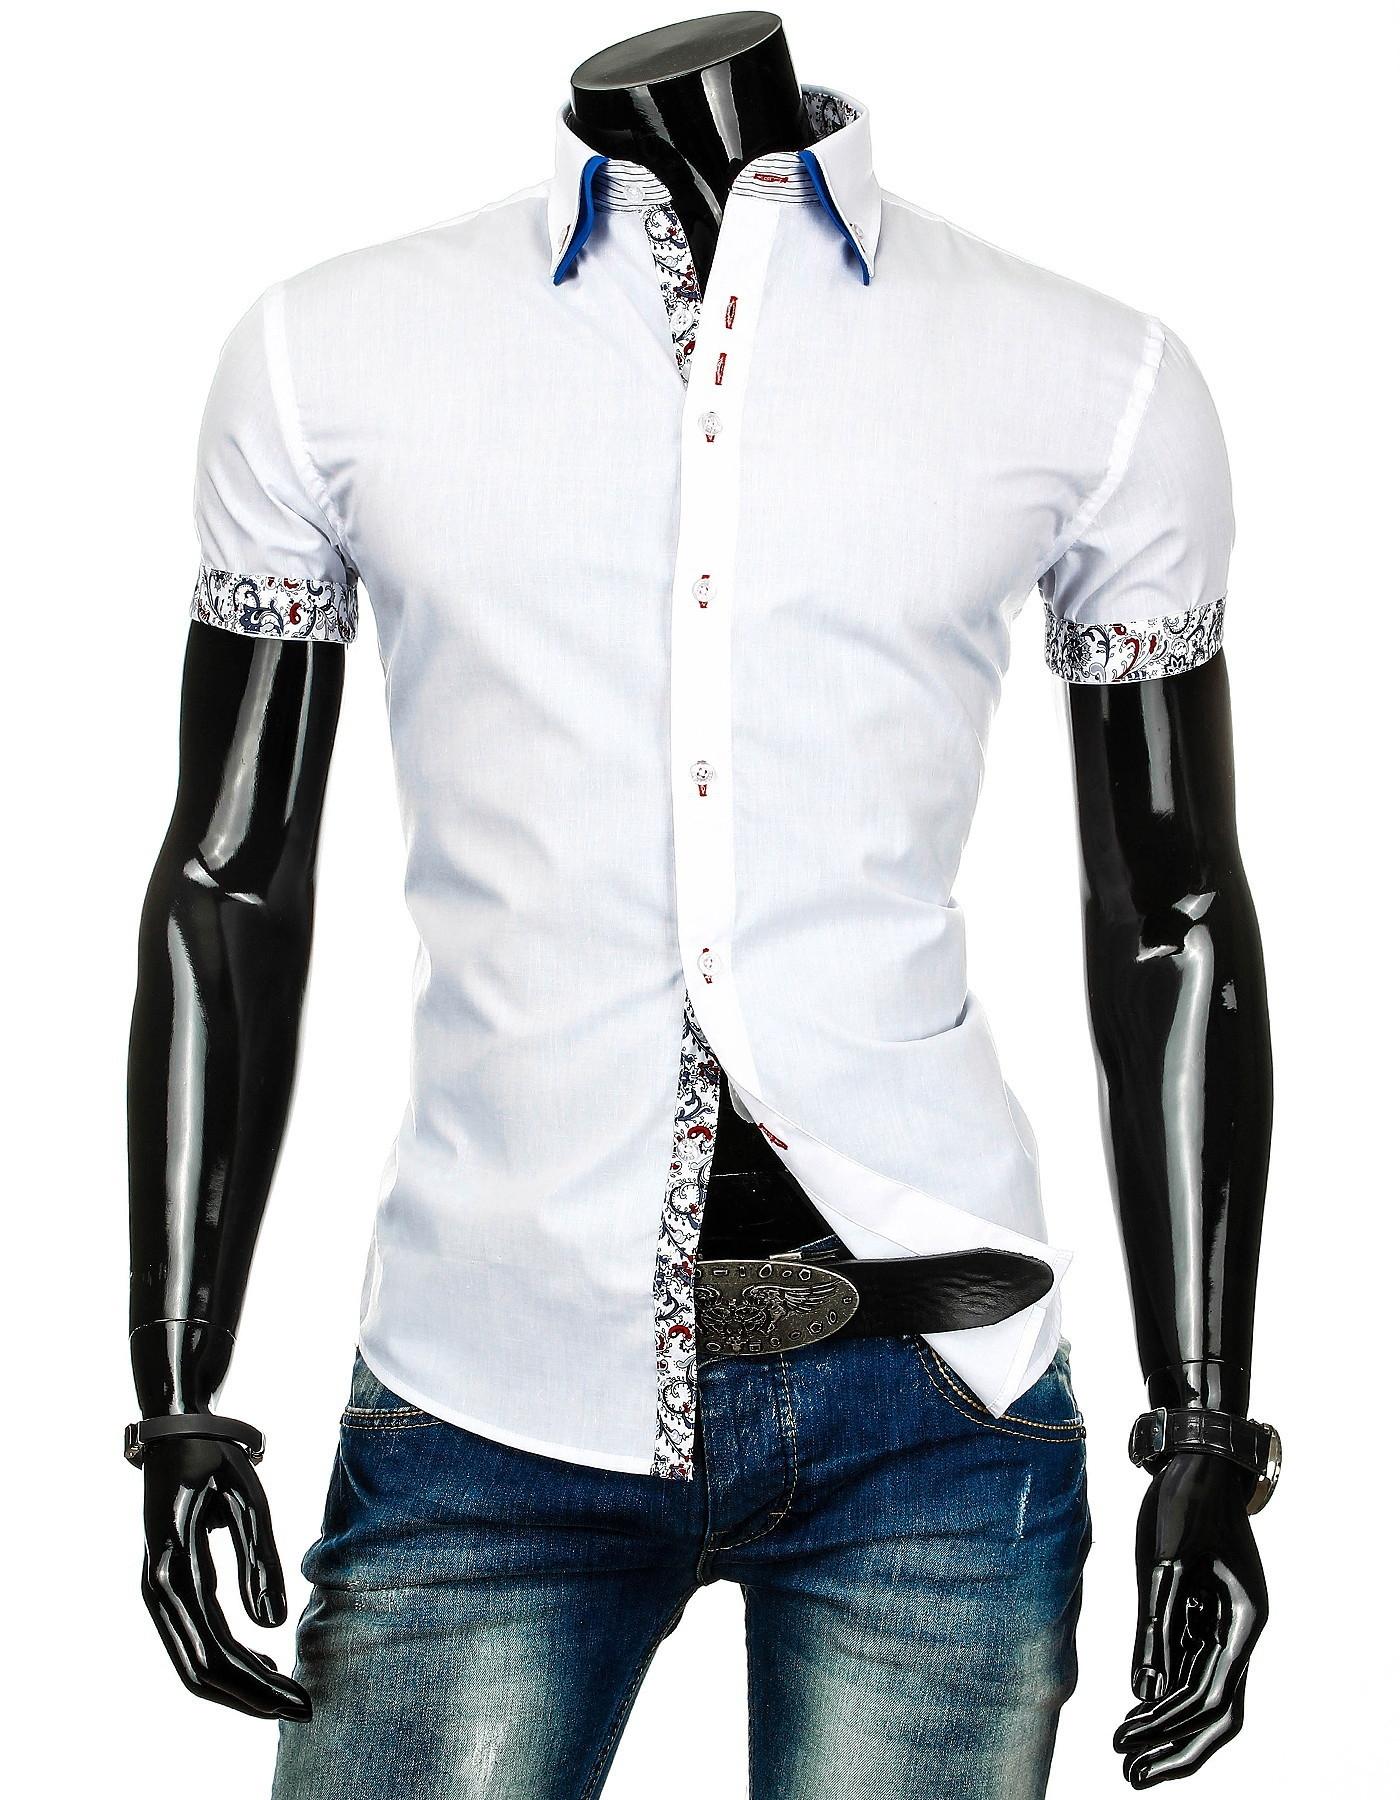 Pánská košile BOSTON s krátkým rukávem bílá